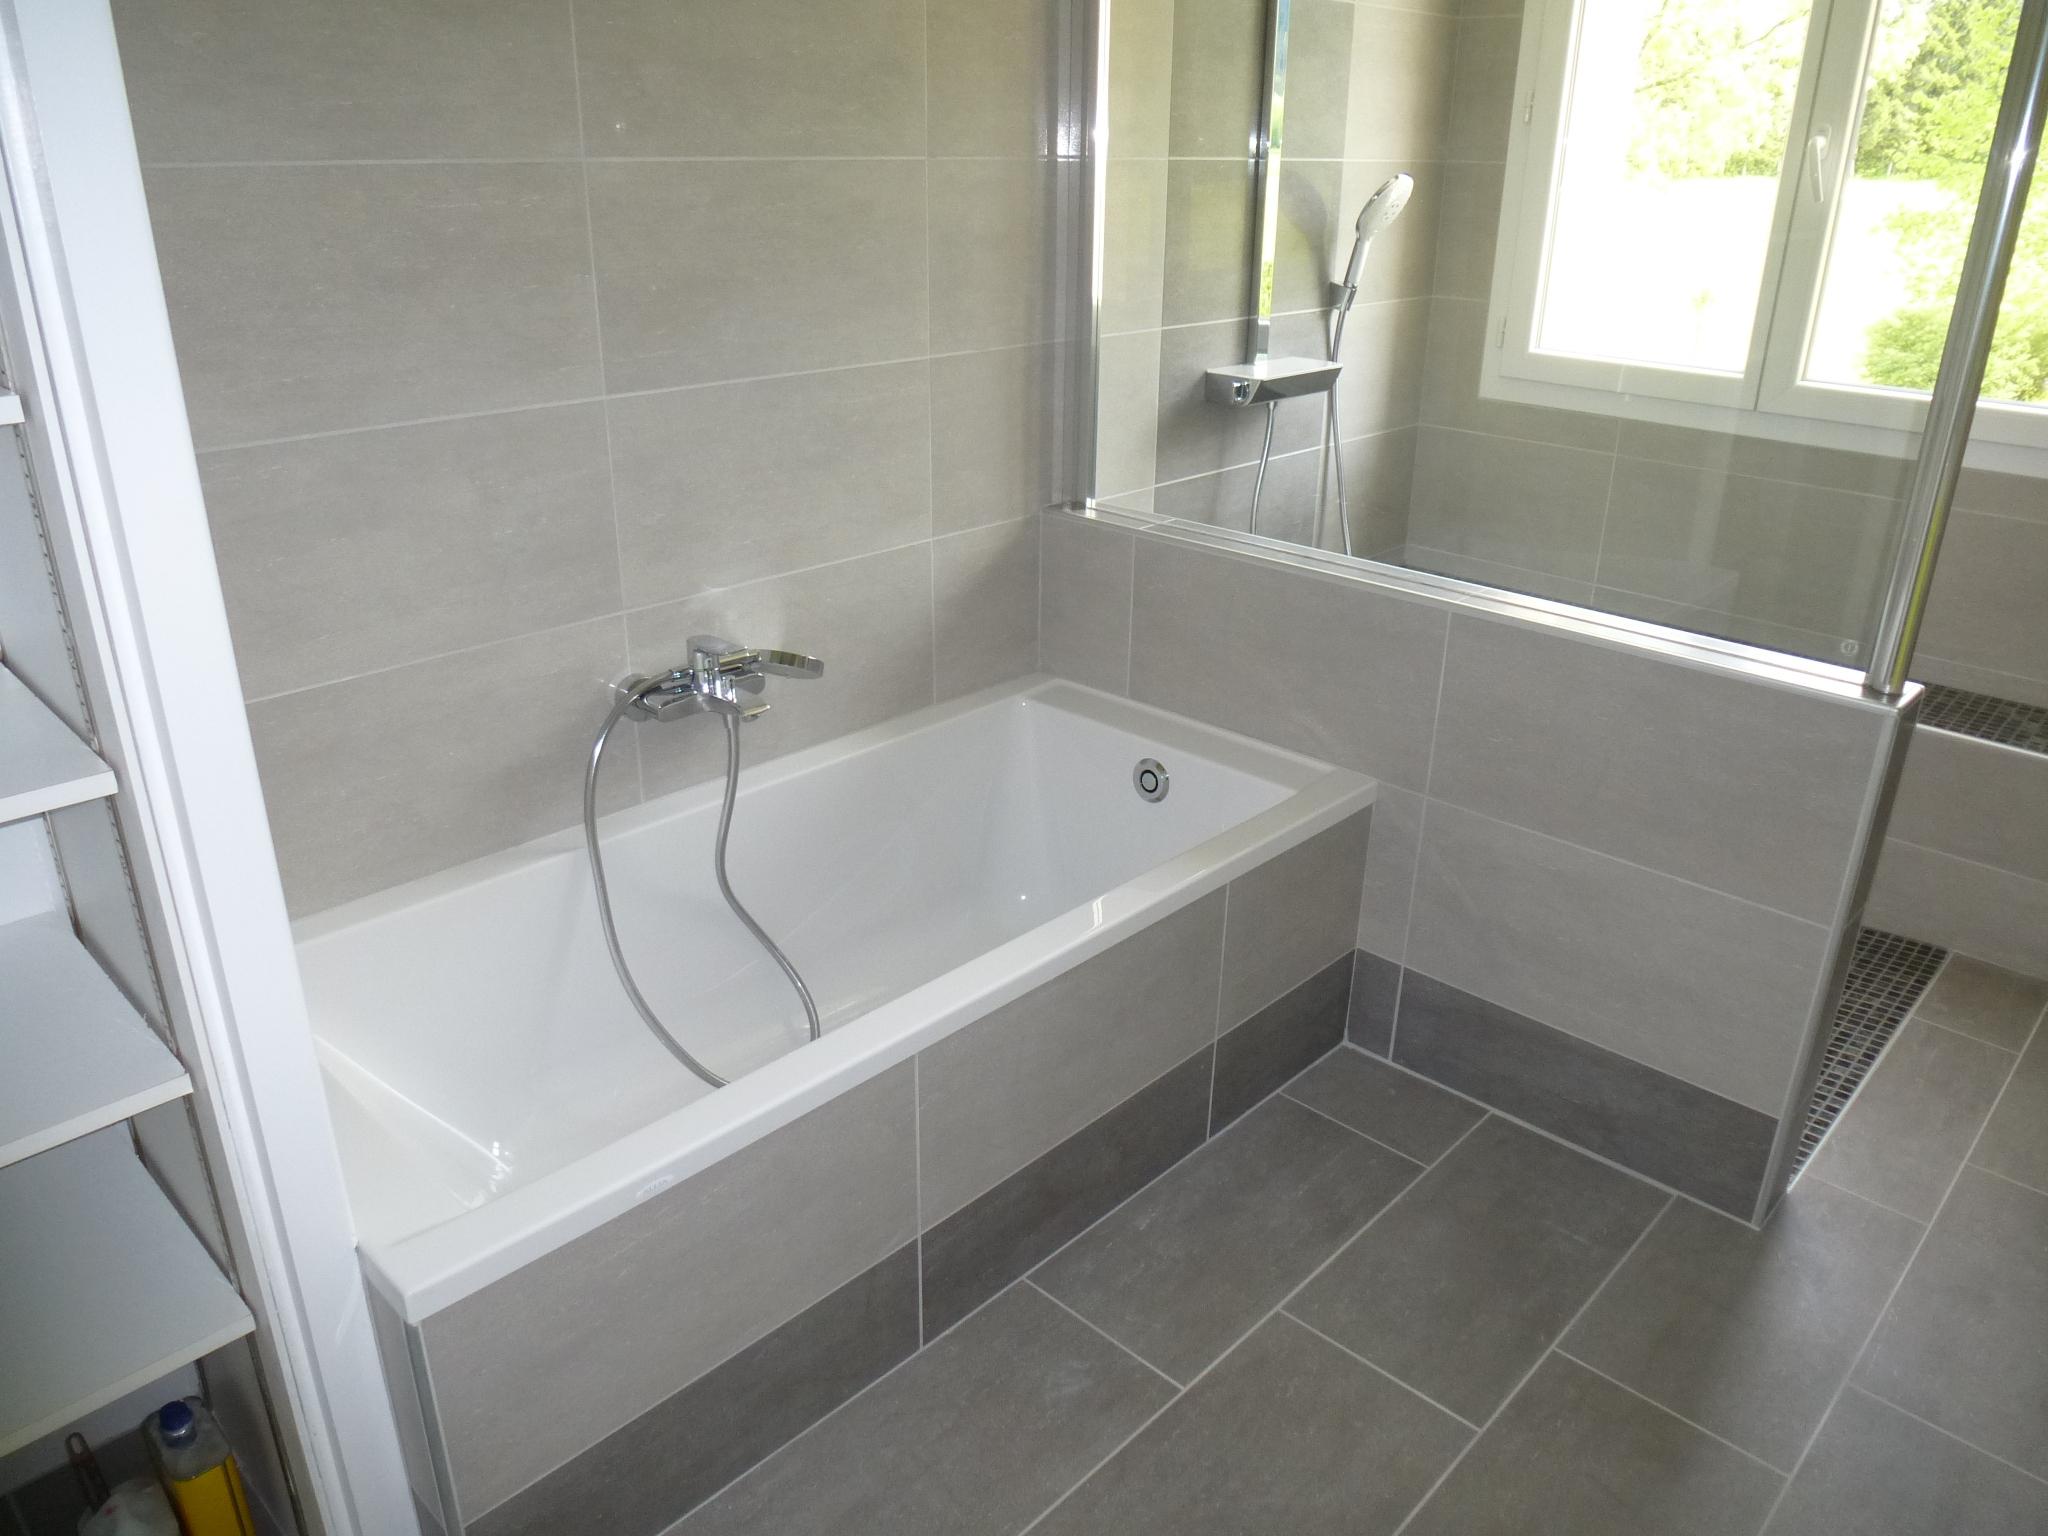 Ванная комната с душевой кабиной и плиткой из керамогранита